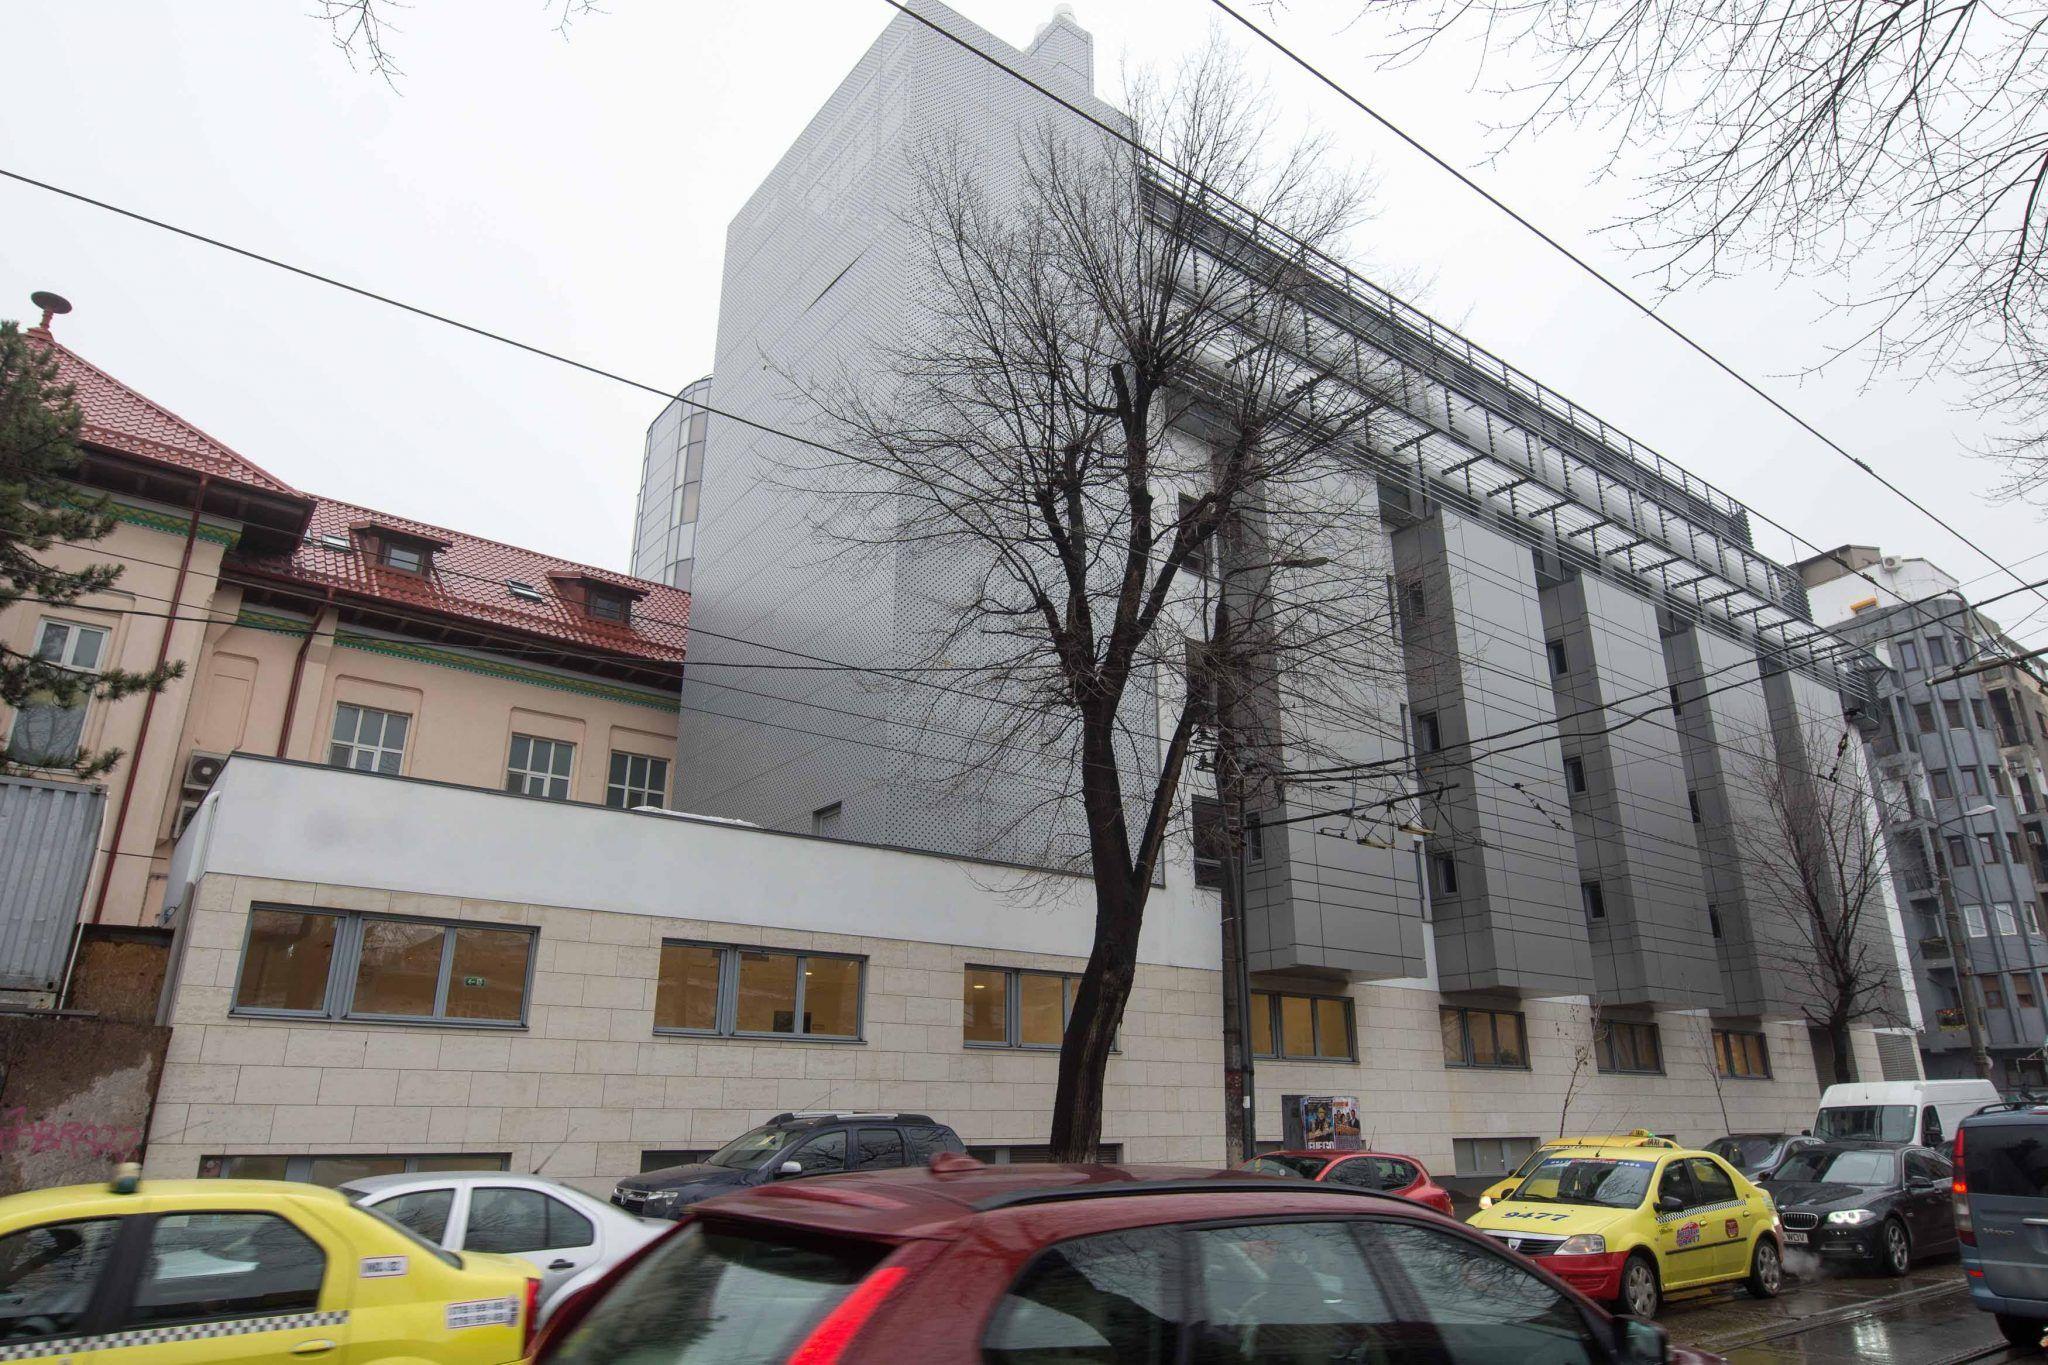 Astăzi a fost inaugurat la BUCUREȘTI Noul Spital de Ortopedie Foișor, unul din cele mai moderne SPITALE de ORTOPEDIE din Europa